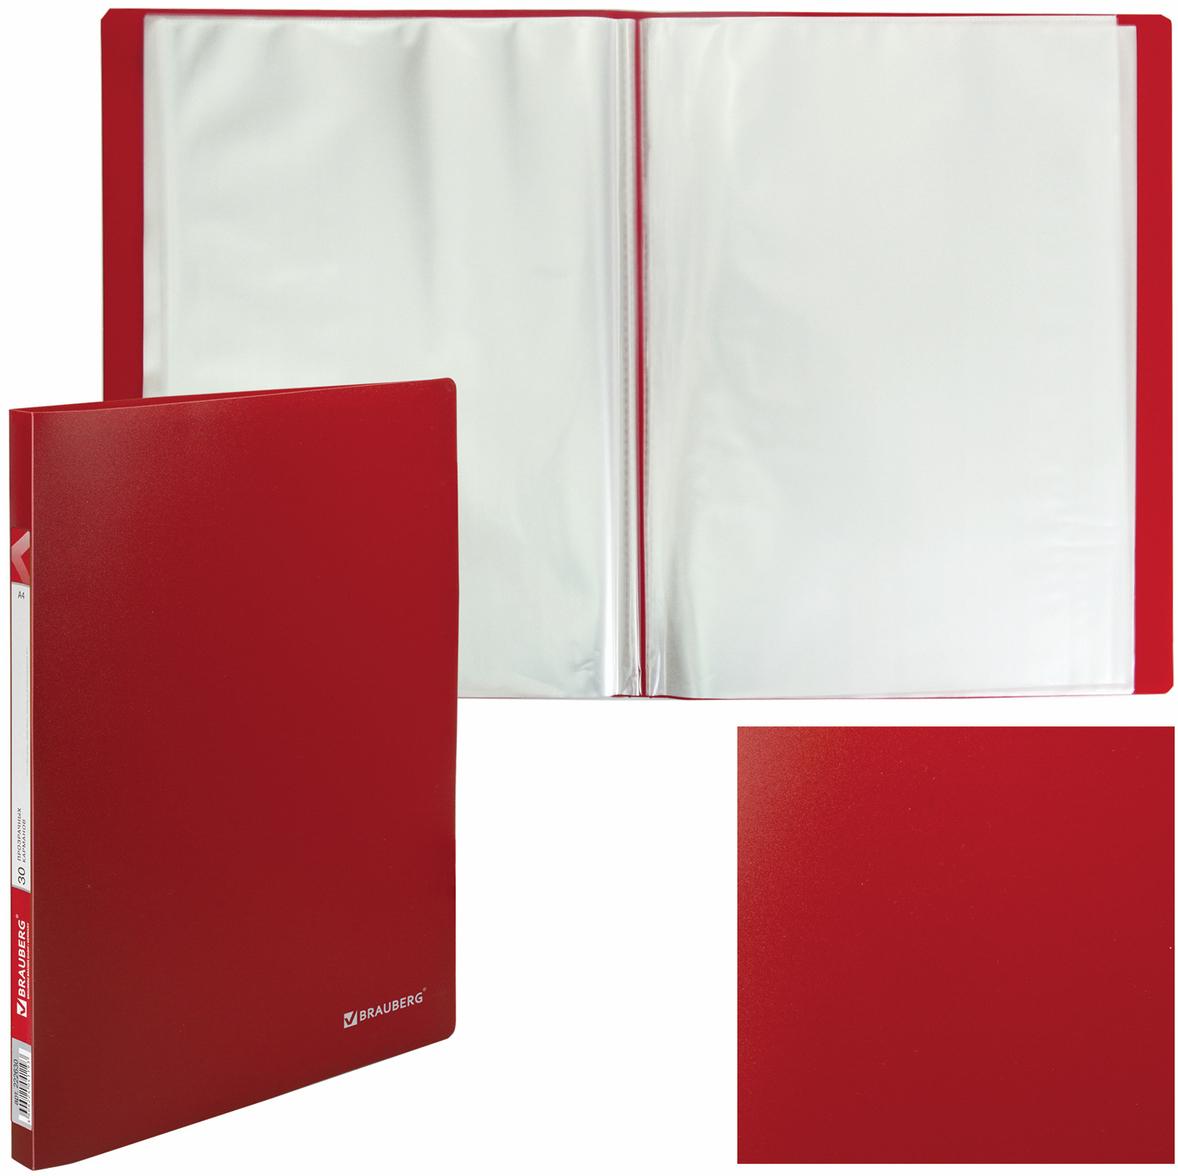 Brauberg Папка Office цвет красный 222630222630Папка удобна для хранения документов, составления каталогов, меню и т.п. На корешок наклеена этикетка для маркировки содержимого. Современный, привлекательный дизайн, отличное качество, доступная цена.